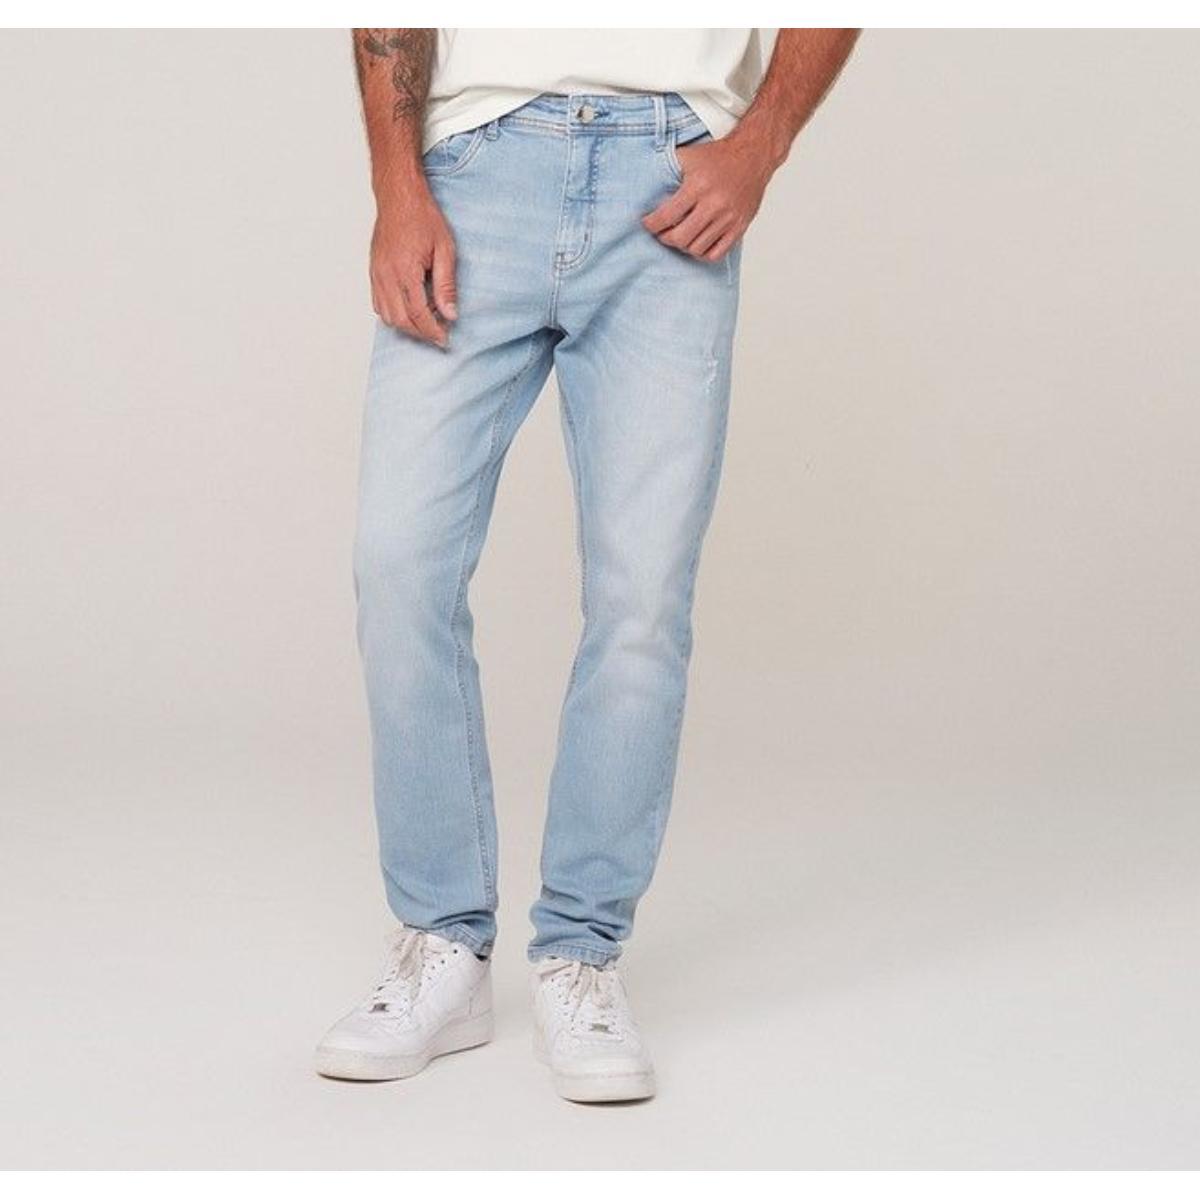 Calça Masculina Dzarm Zu66 1csn Jeans